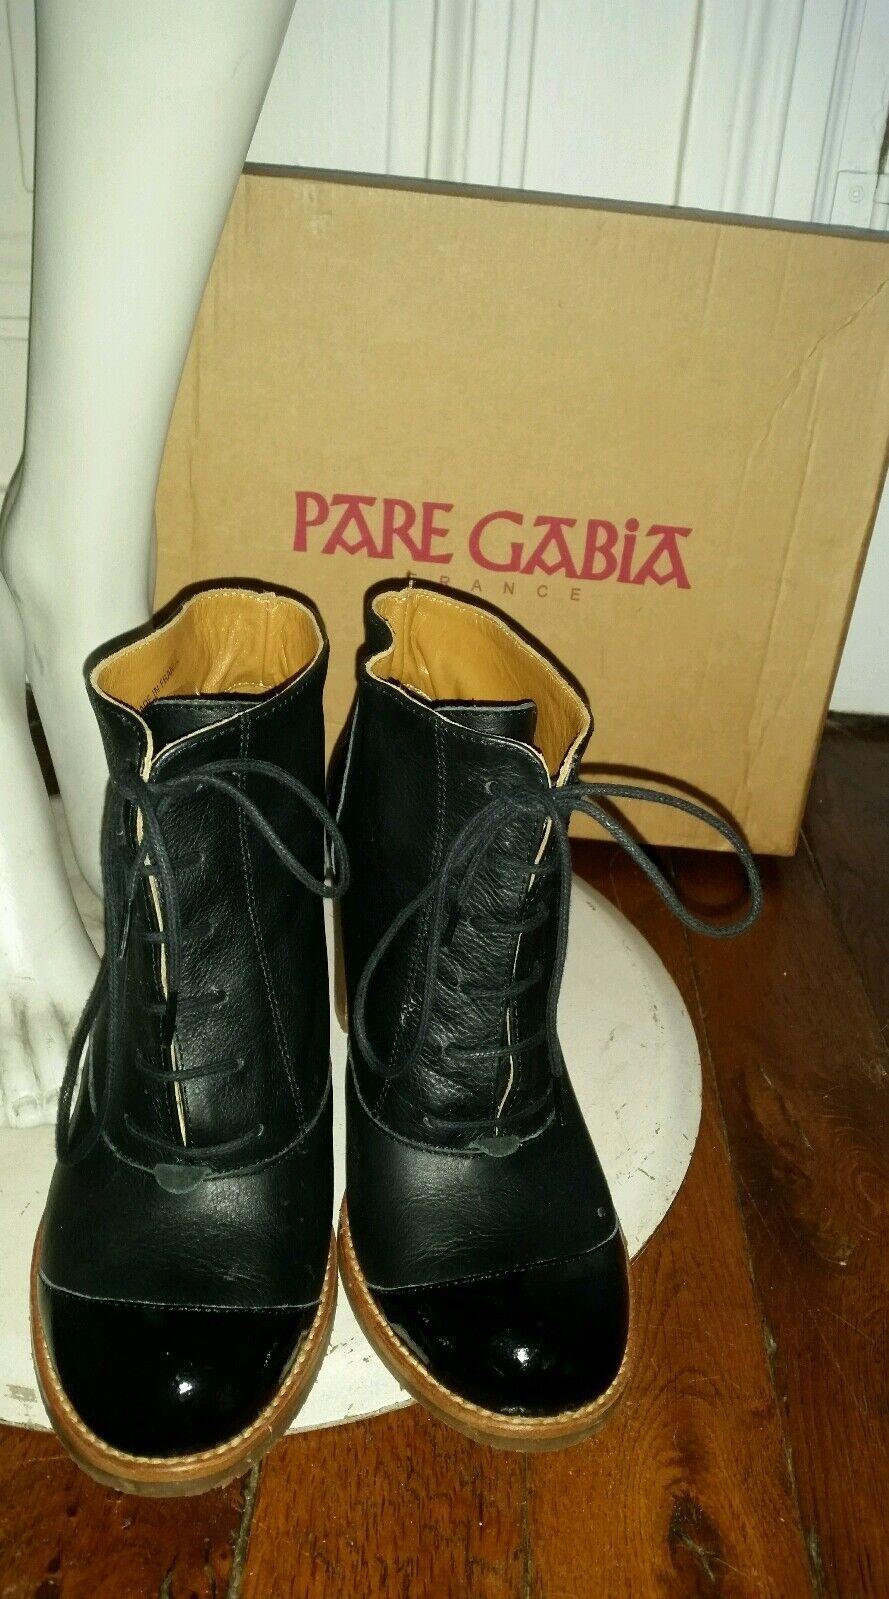 Niedrig Stiefel cuir P38 PARE GABIA bottines pin up escarpins rétro vintage robe  escarpins up 63da63